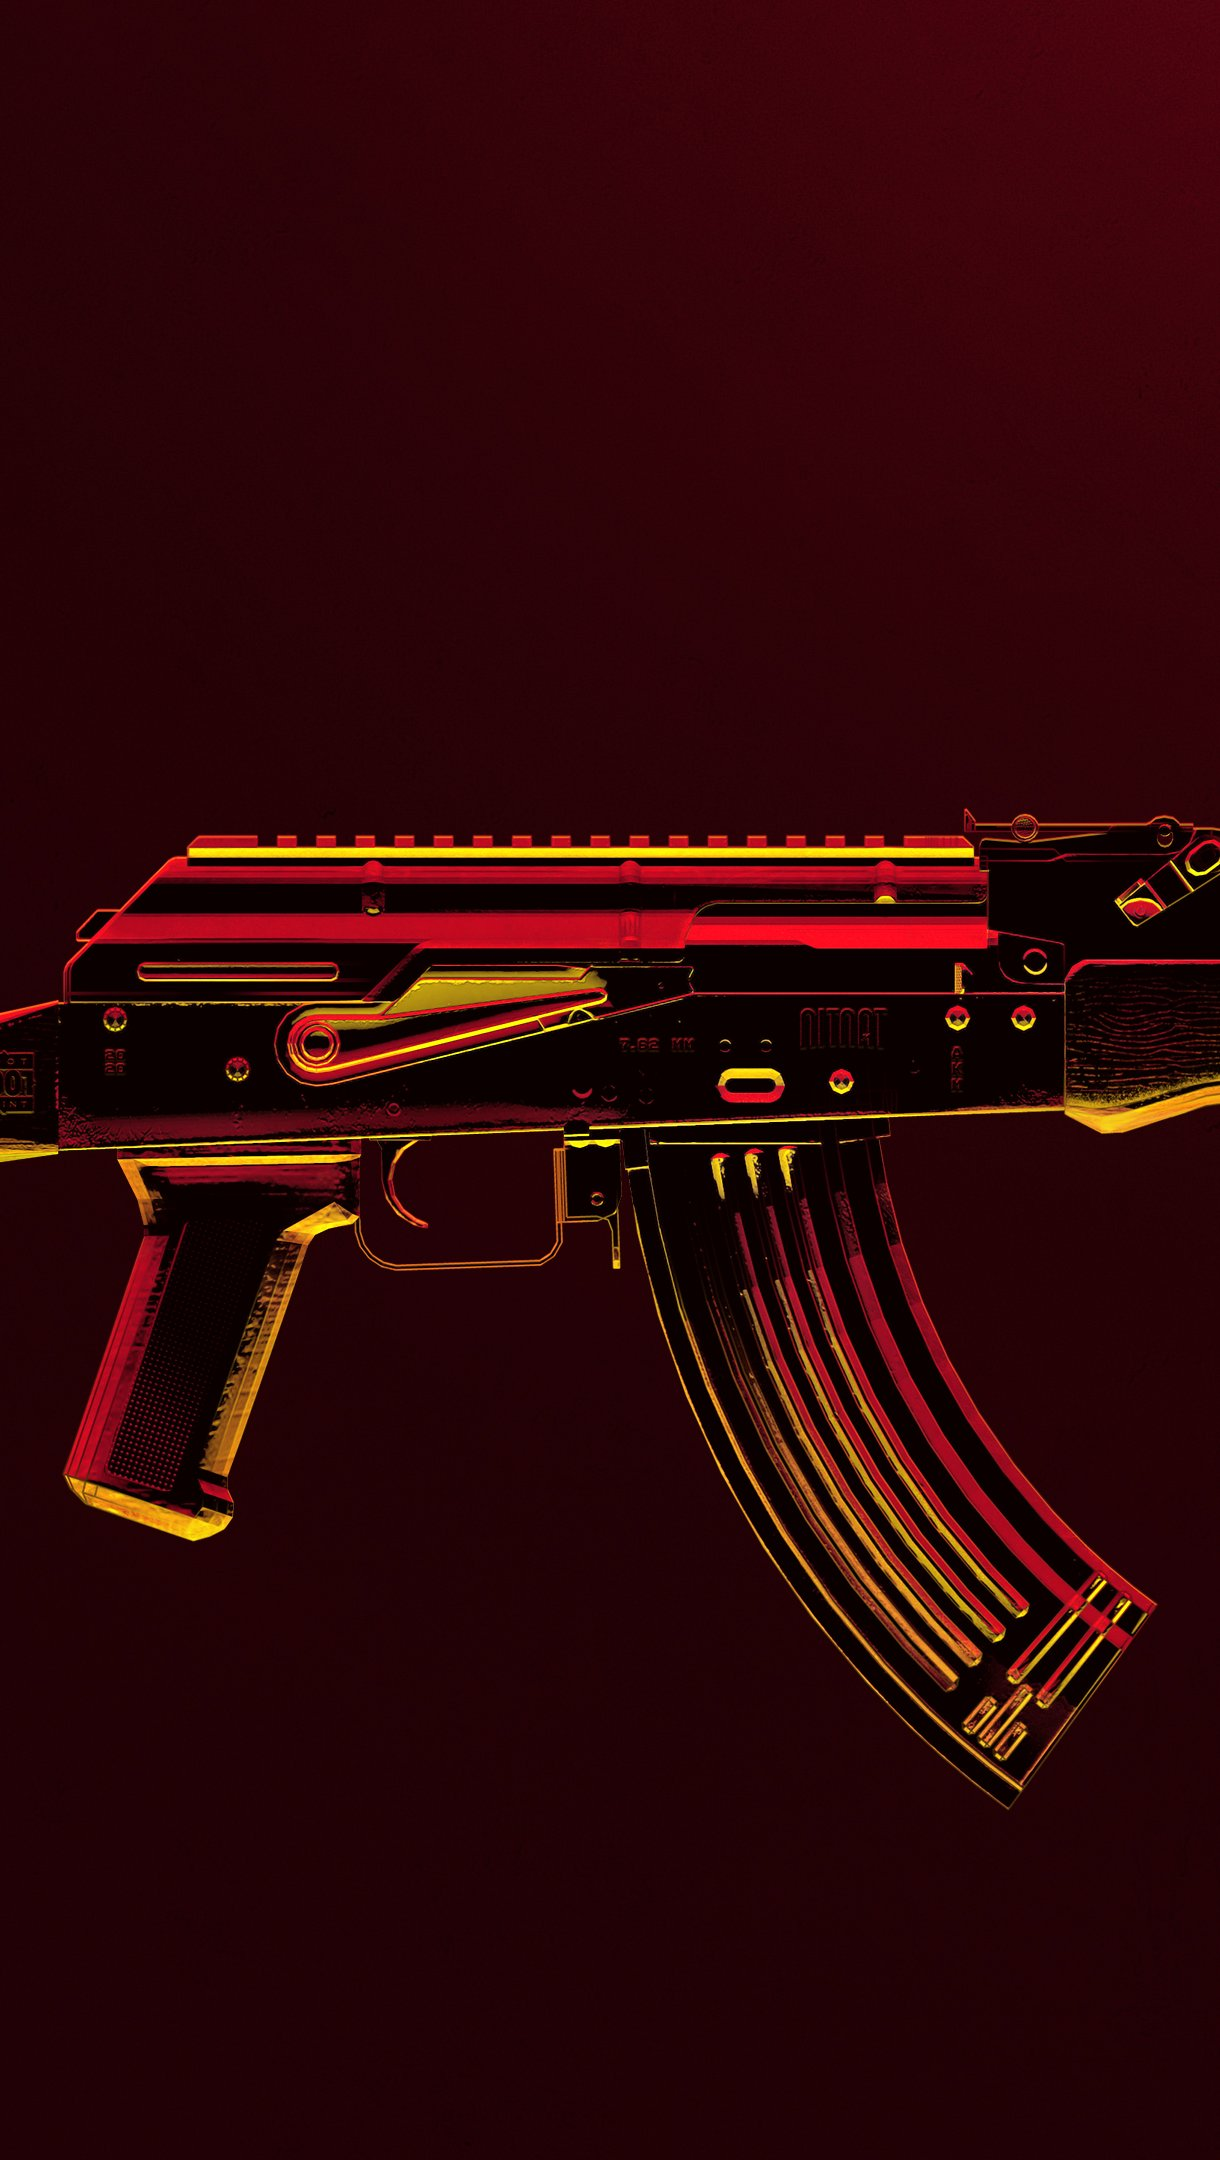 Fondos de pantalla Arma AK47 de PUBG Vertical